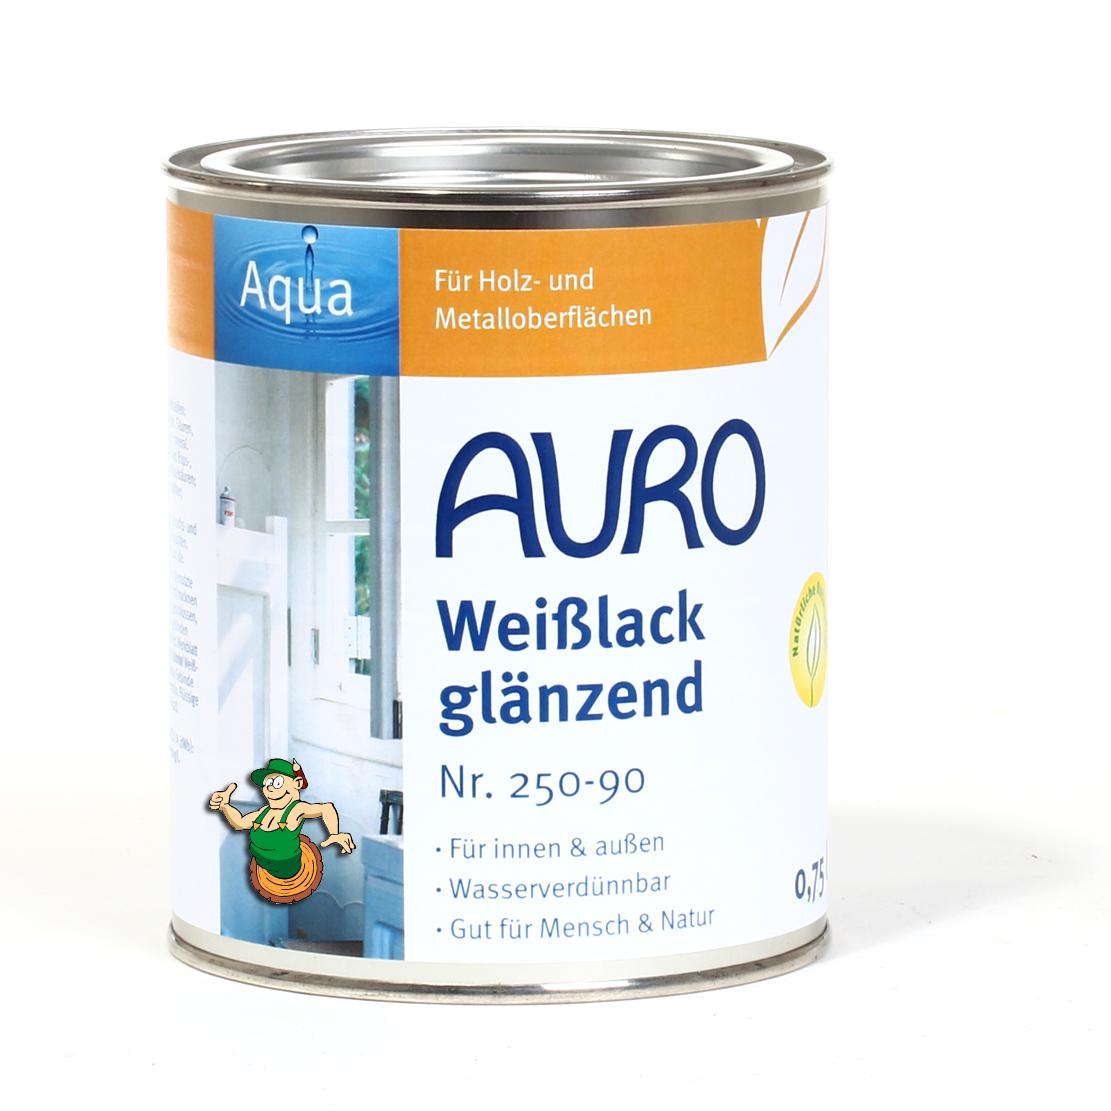 auro buntlack, glänzend, nr. 250 weißlack, aqua, innen- und